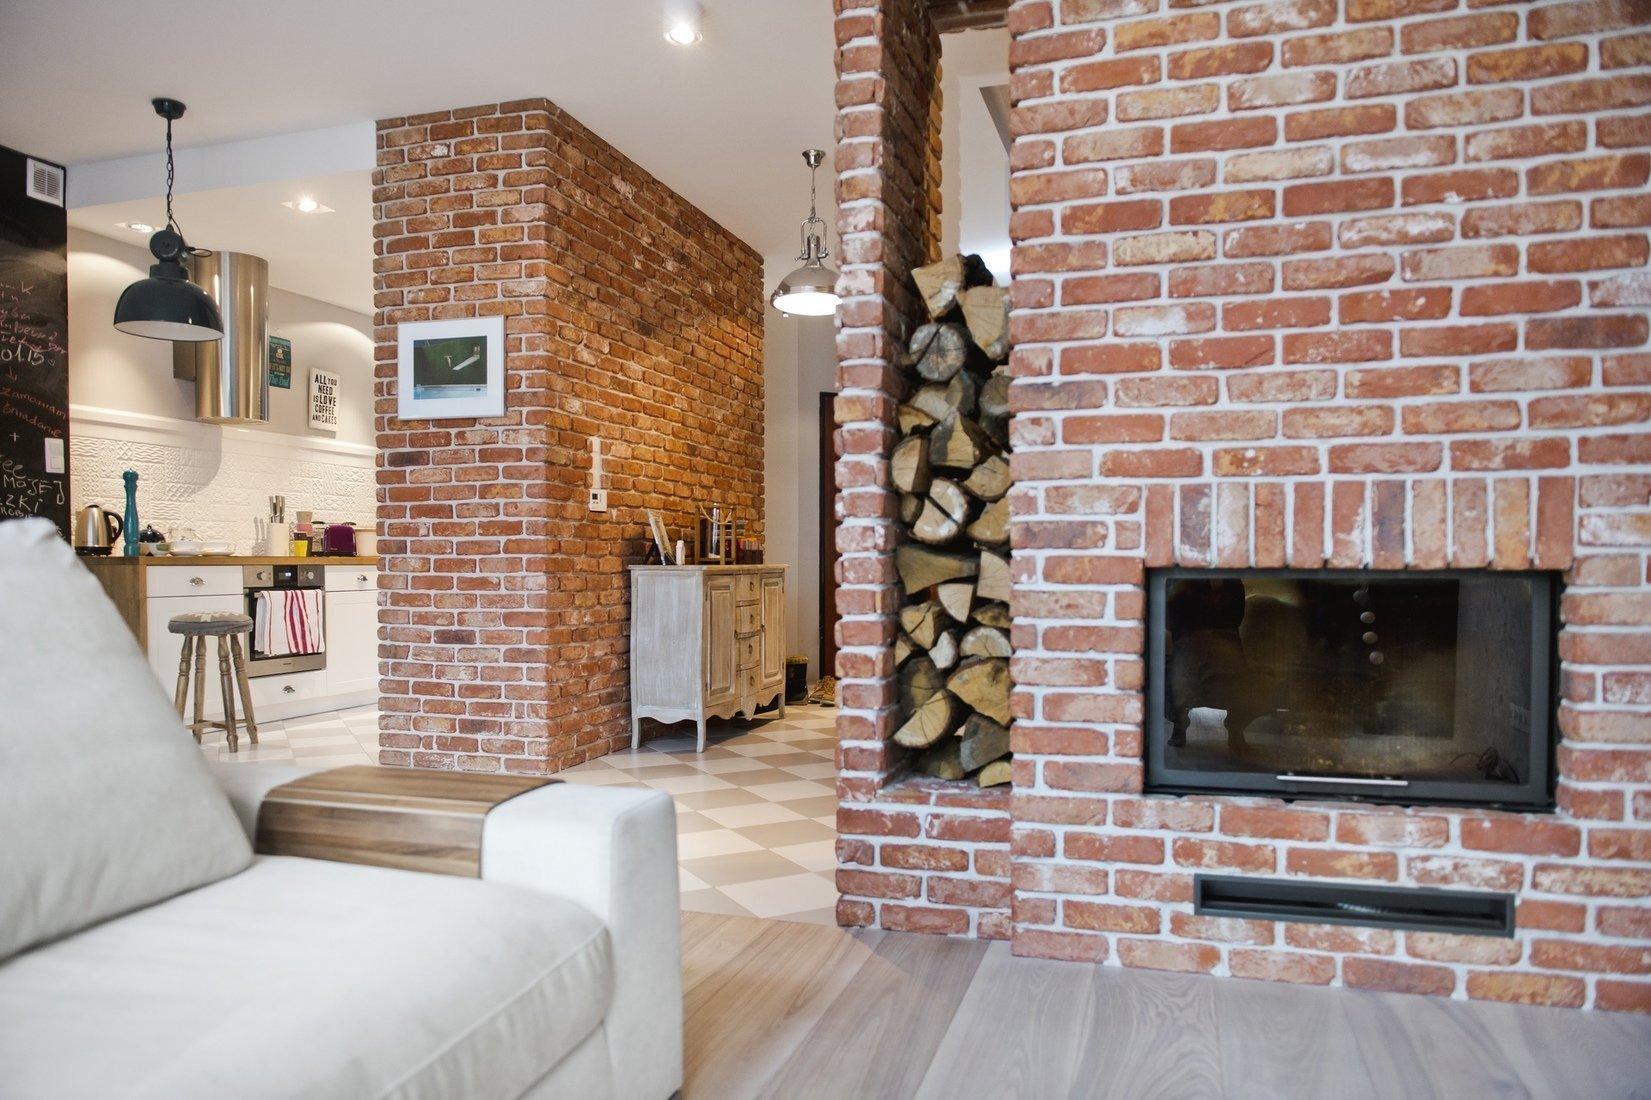 Interiérový design, ve kterém se snoubí industriální prvky, styl provence a minimalismus? Pro Interiérové studio NO WO ARCHITEKCI nic nemožného.   Nadaní polšti designéři dokázali při rekonstrukci vytvořit ze starého domu moderní, praktické i útulné místo pro bydlení mladé rodiny.